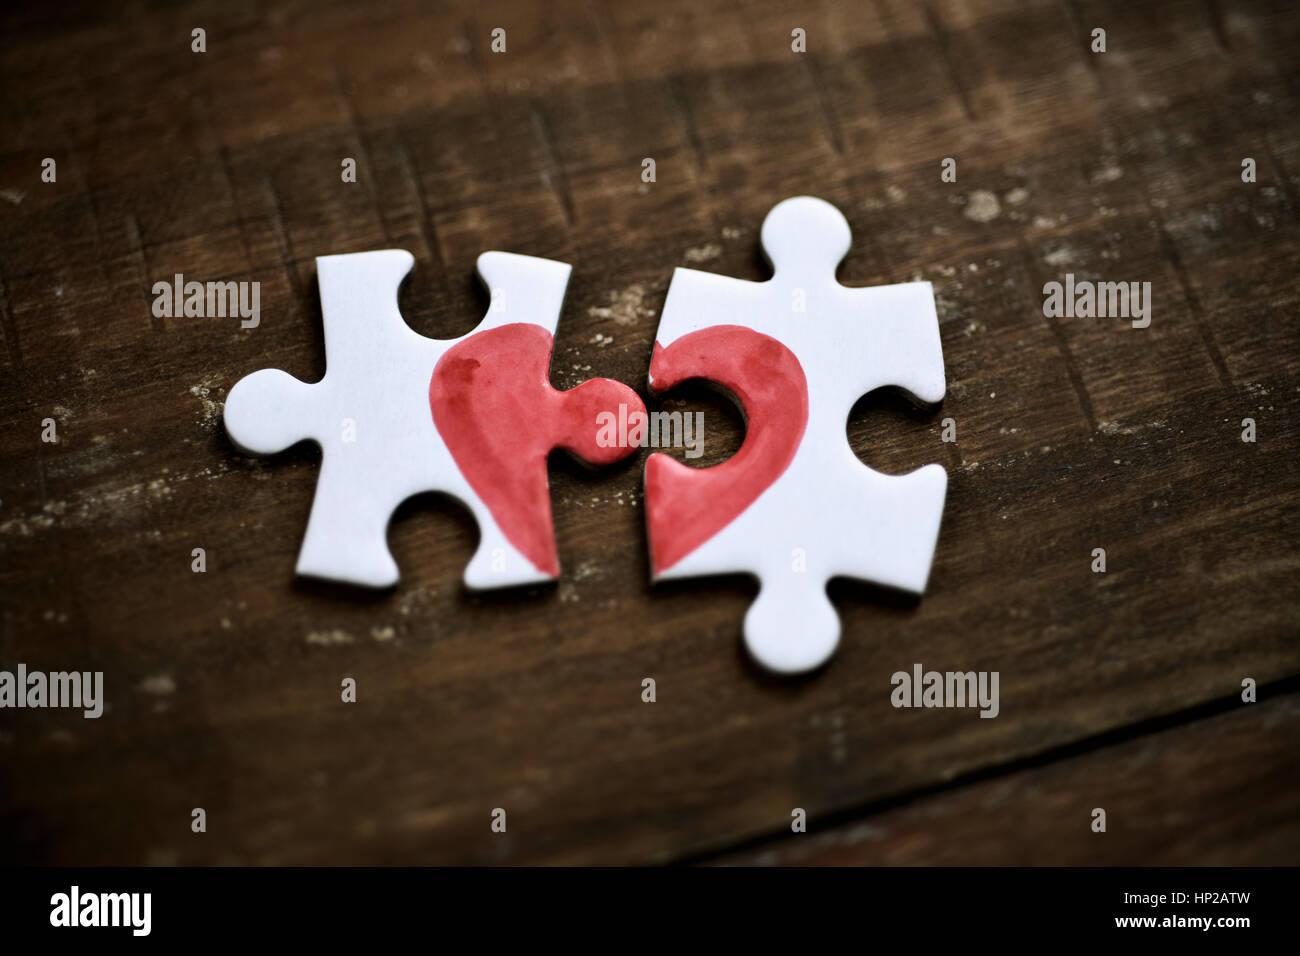 Primo piano di due separate di pezzi di un puzzle che insieme formano un cuore su un rustico di superficie in legno Immagini Stock